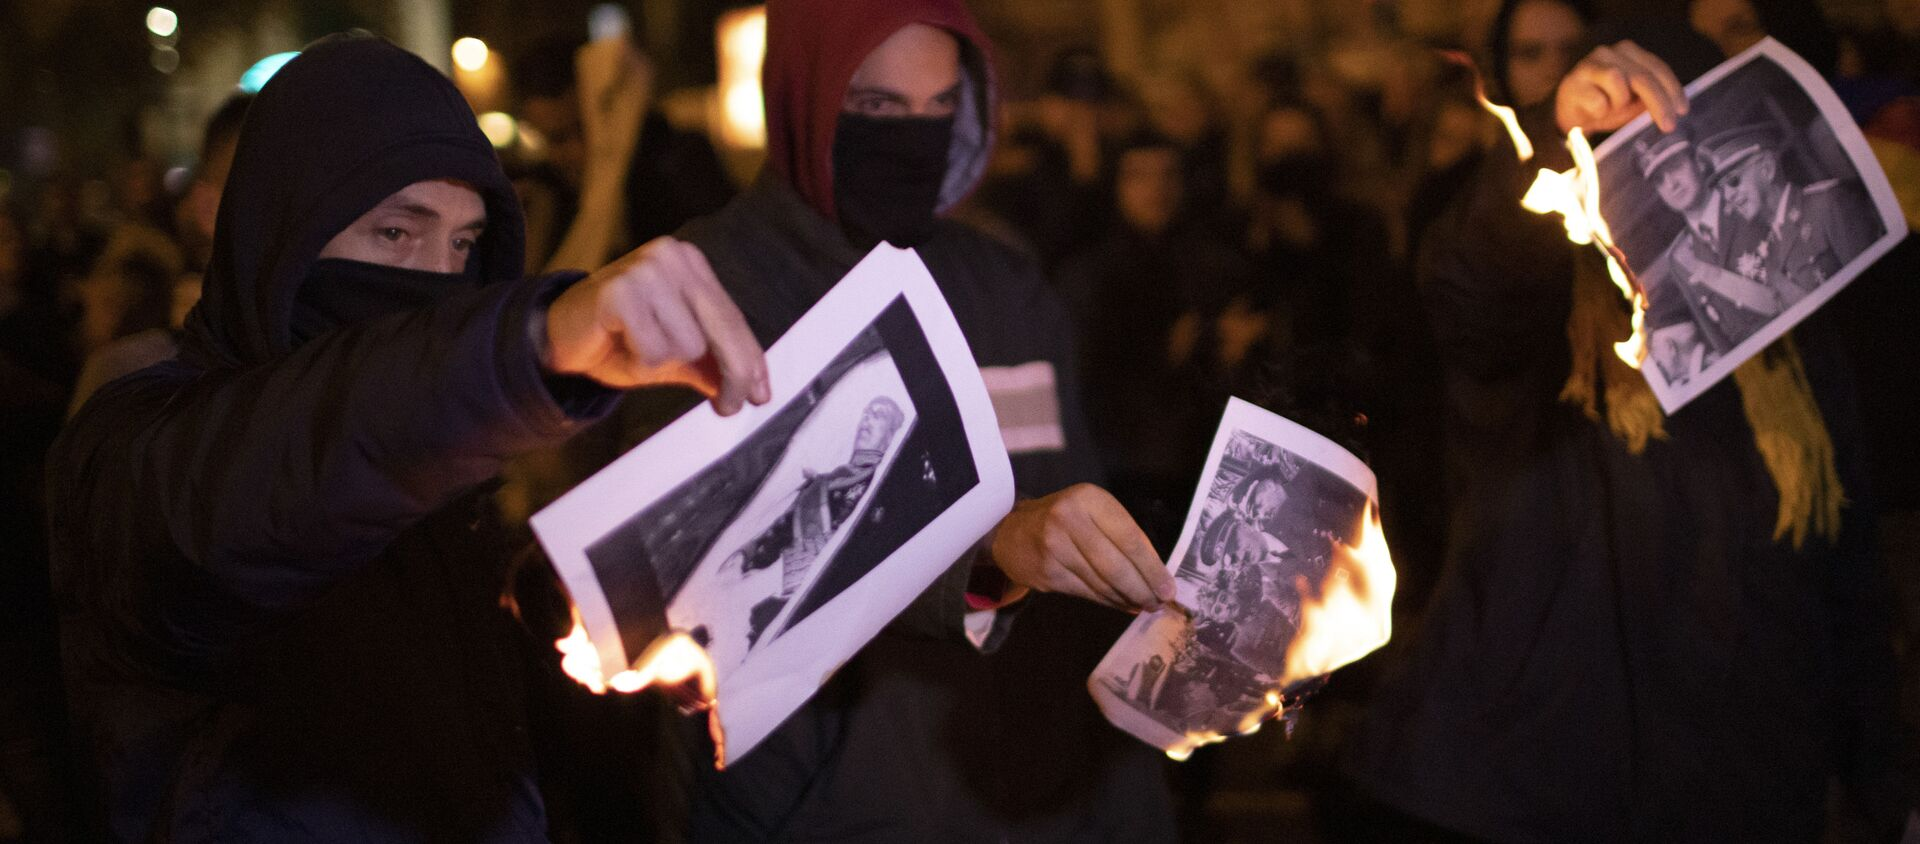 La gente quema las fotos de Francisco Franco - Sputnik Mundo, 1920, 26.12.2020